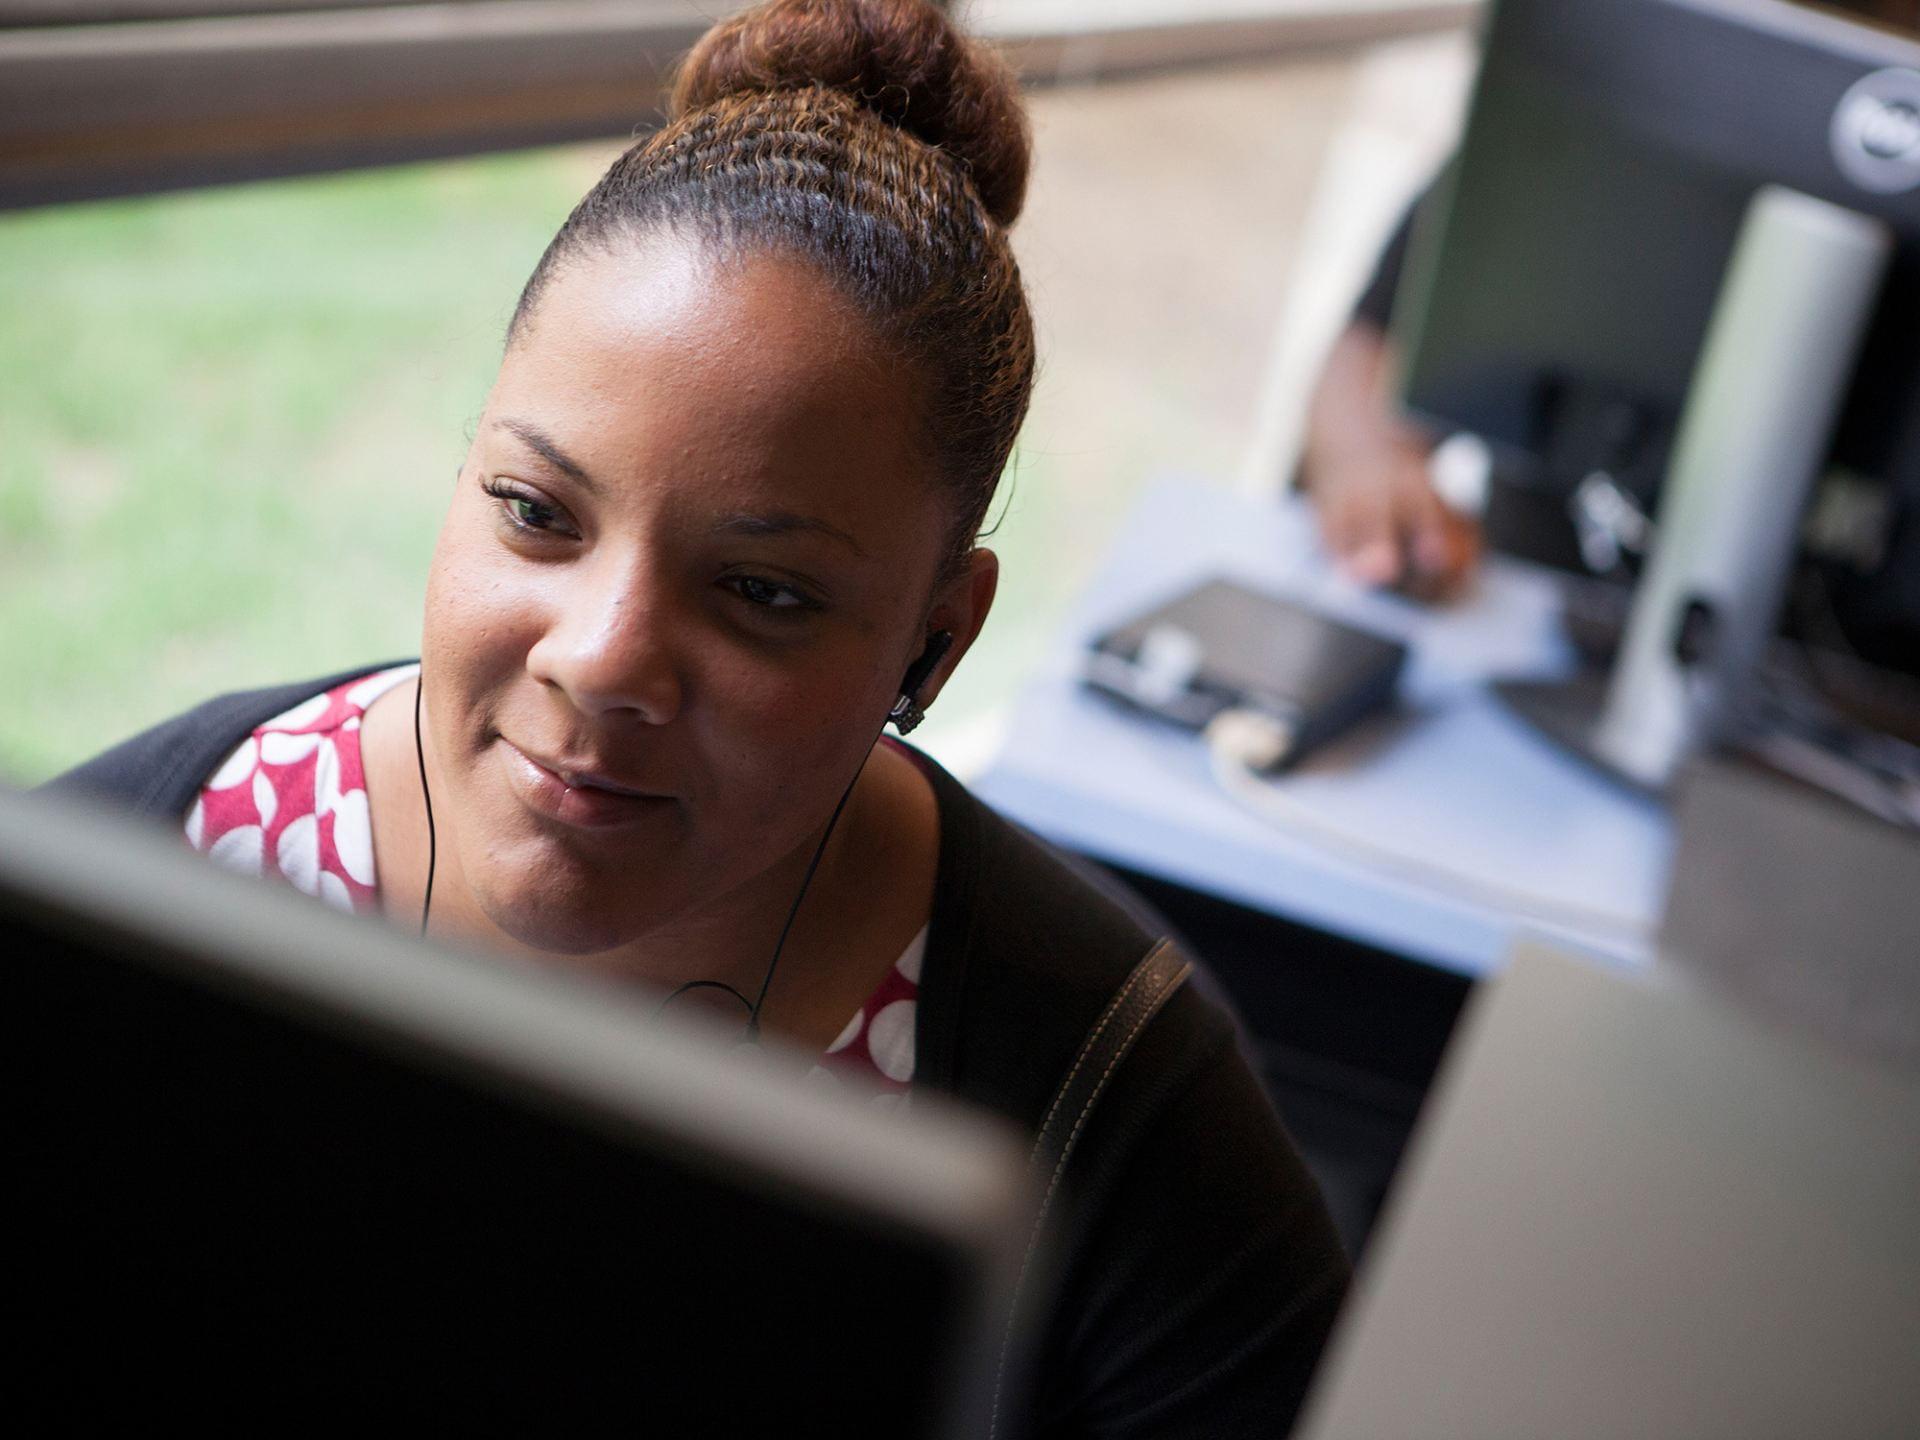 Photograph of woman at computer